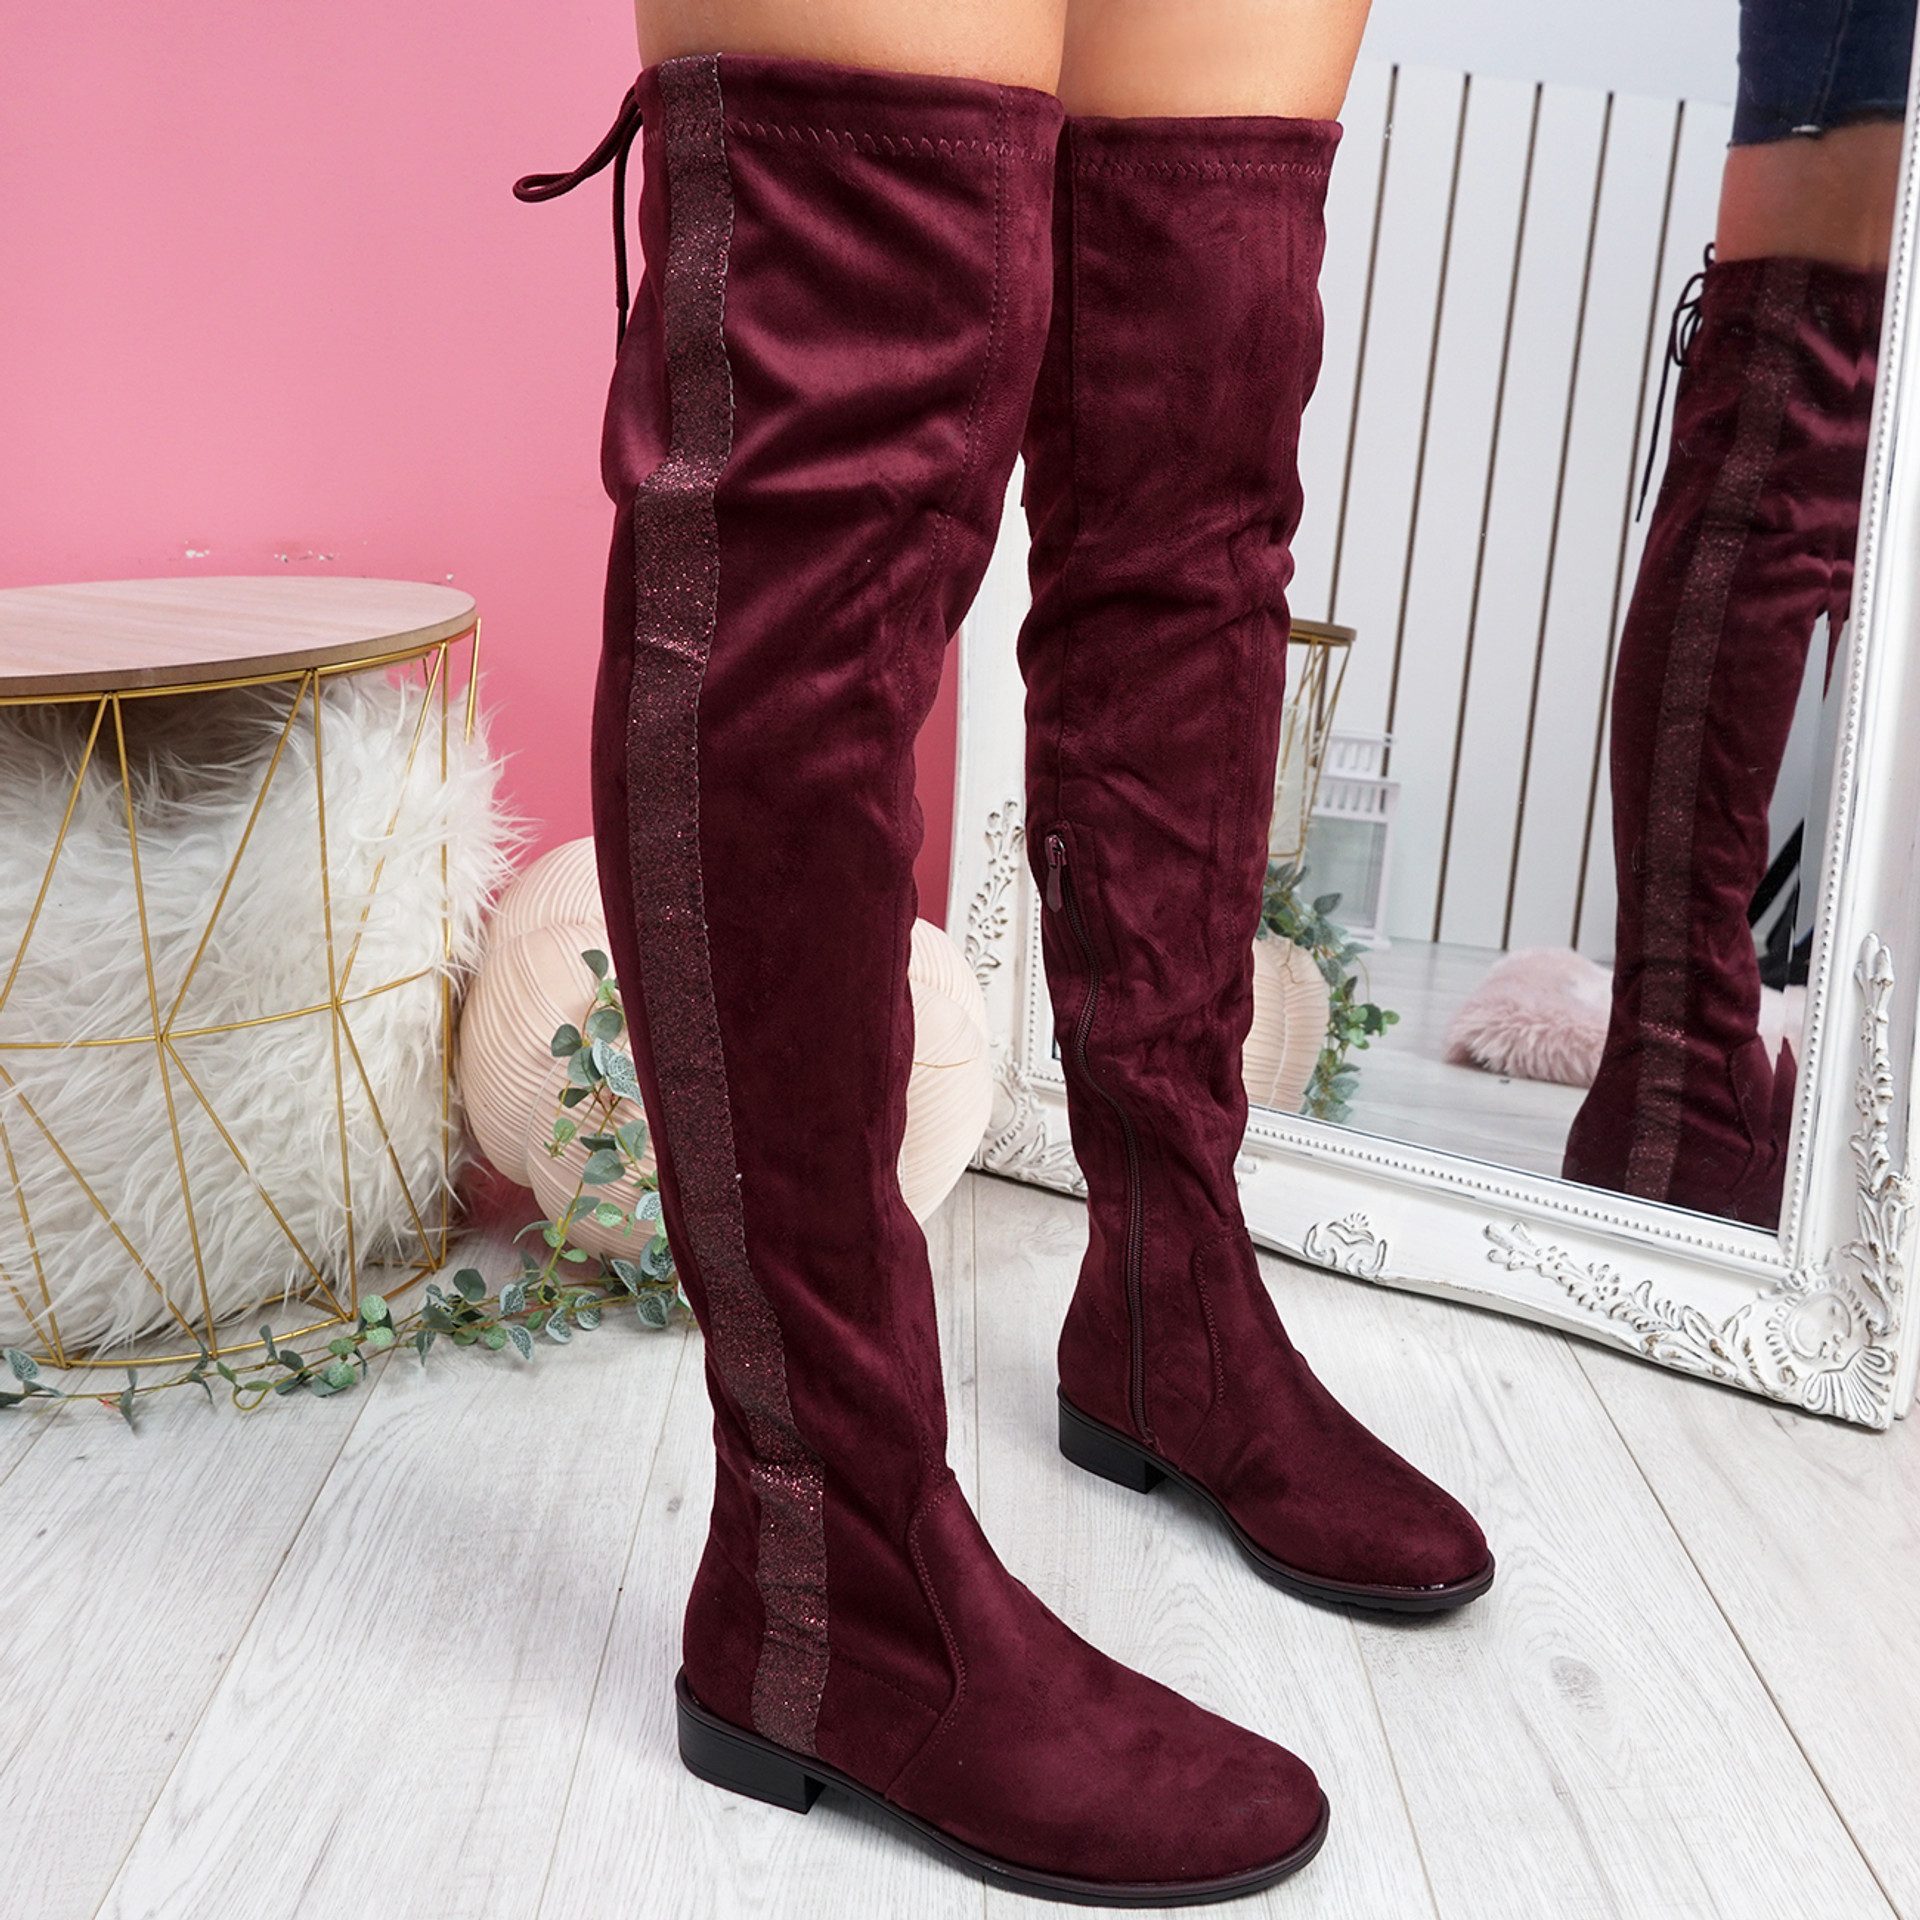 Mila Wine Glitter Otk Boots